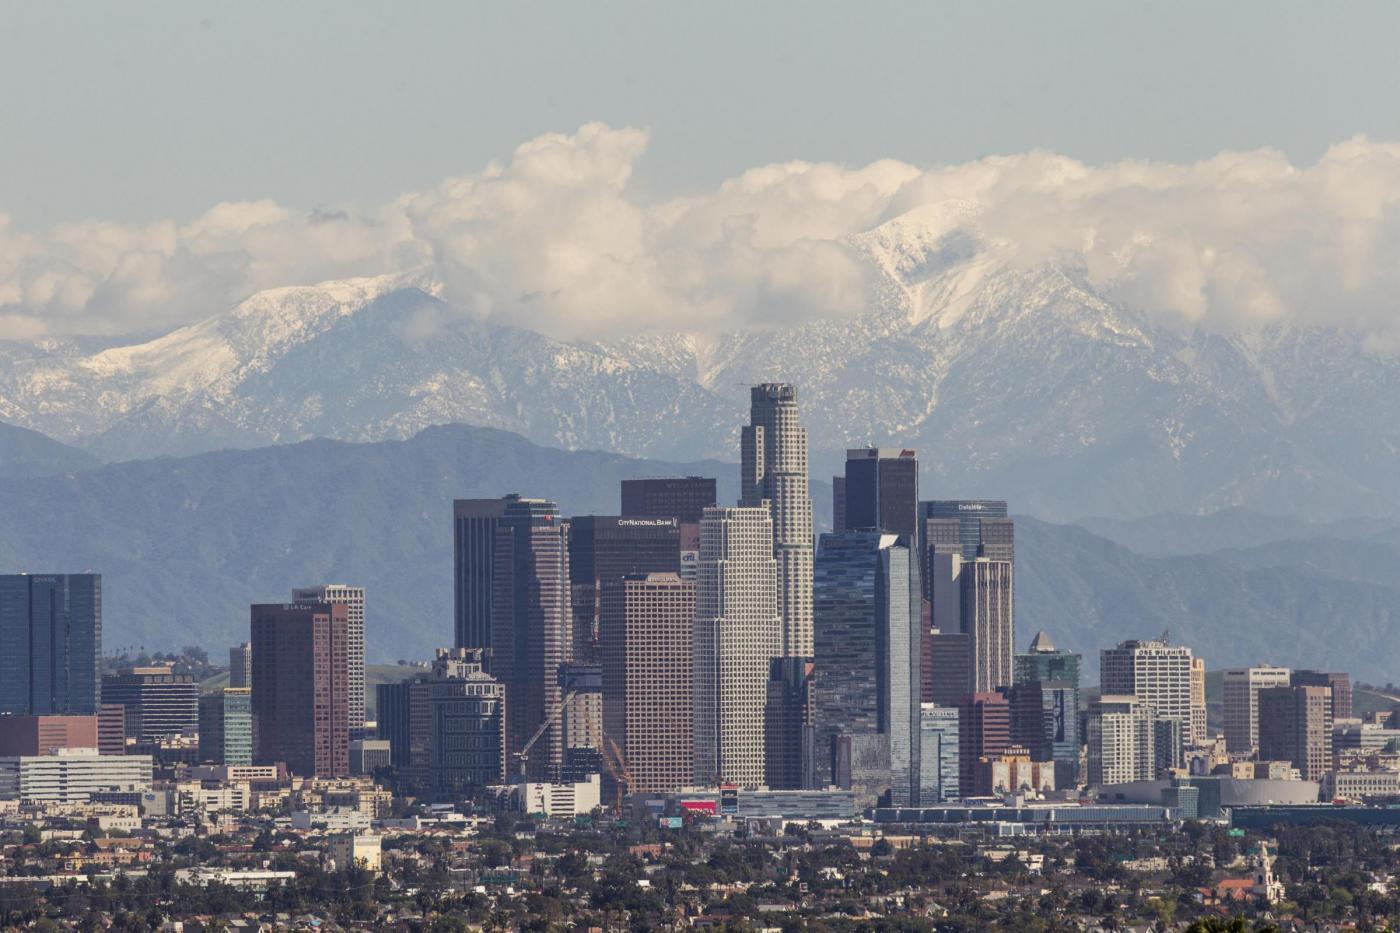 Allarme bomba a Los Angeles: riaprono le scuole, era tutta una bufala